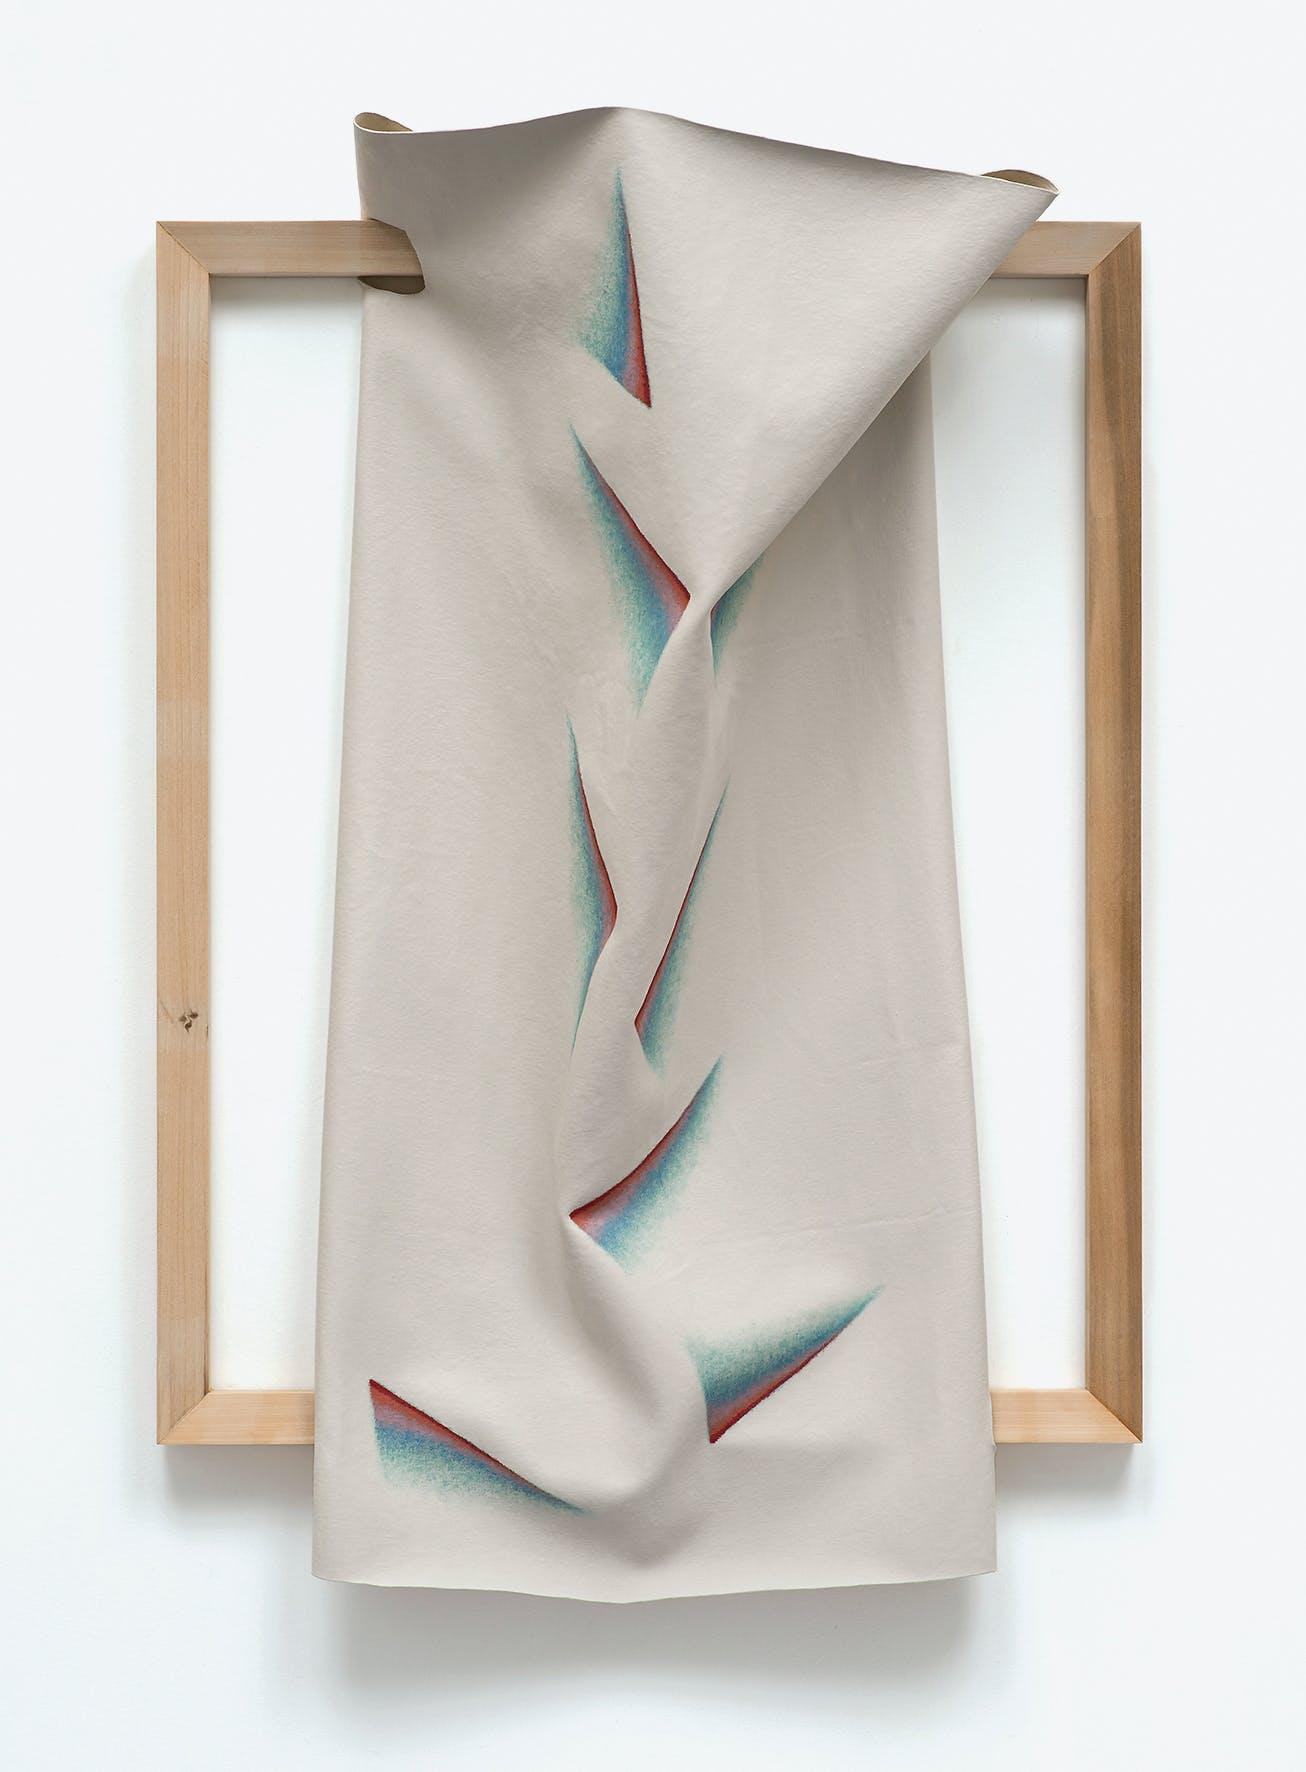 Dianna Molzan, Untitled, 2013